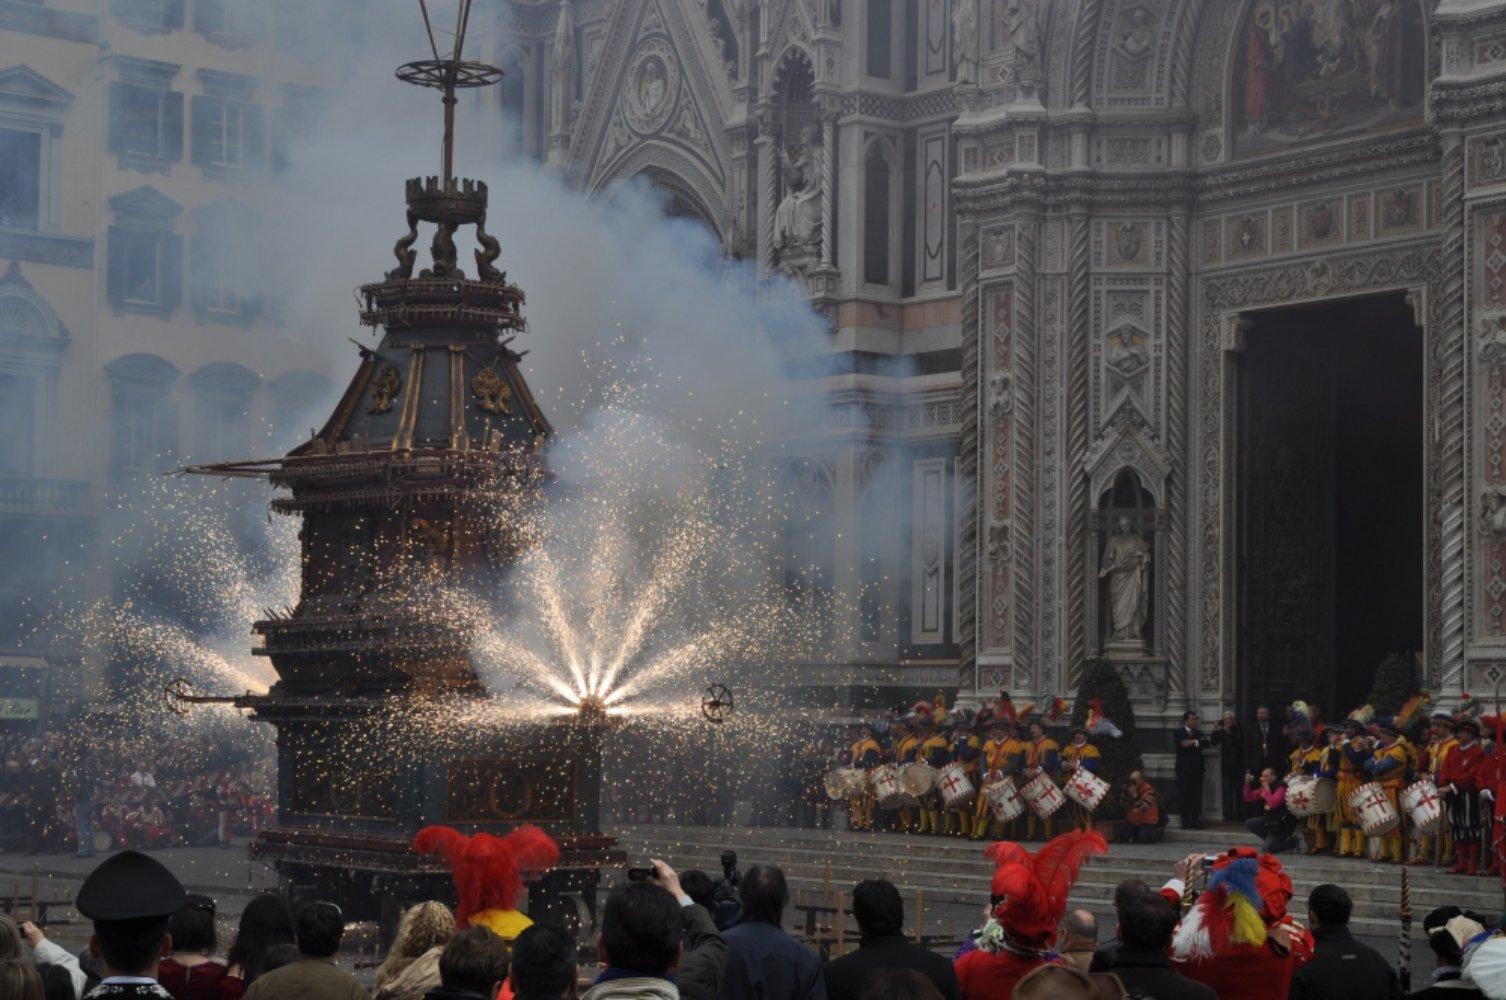 Tradizioni Matrimonio Toscana : Pasqua in toscana tra feste e tradizioni visit tuscany